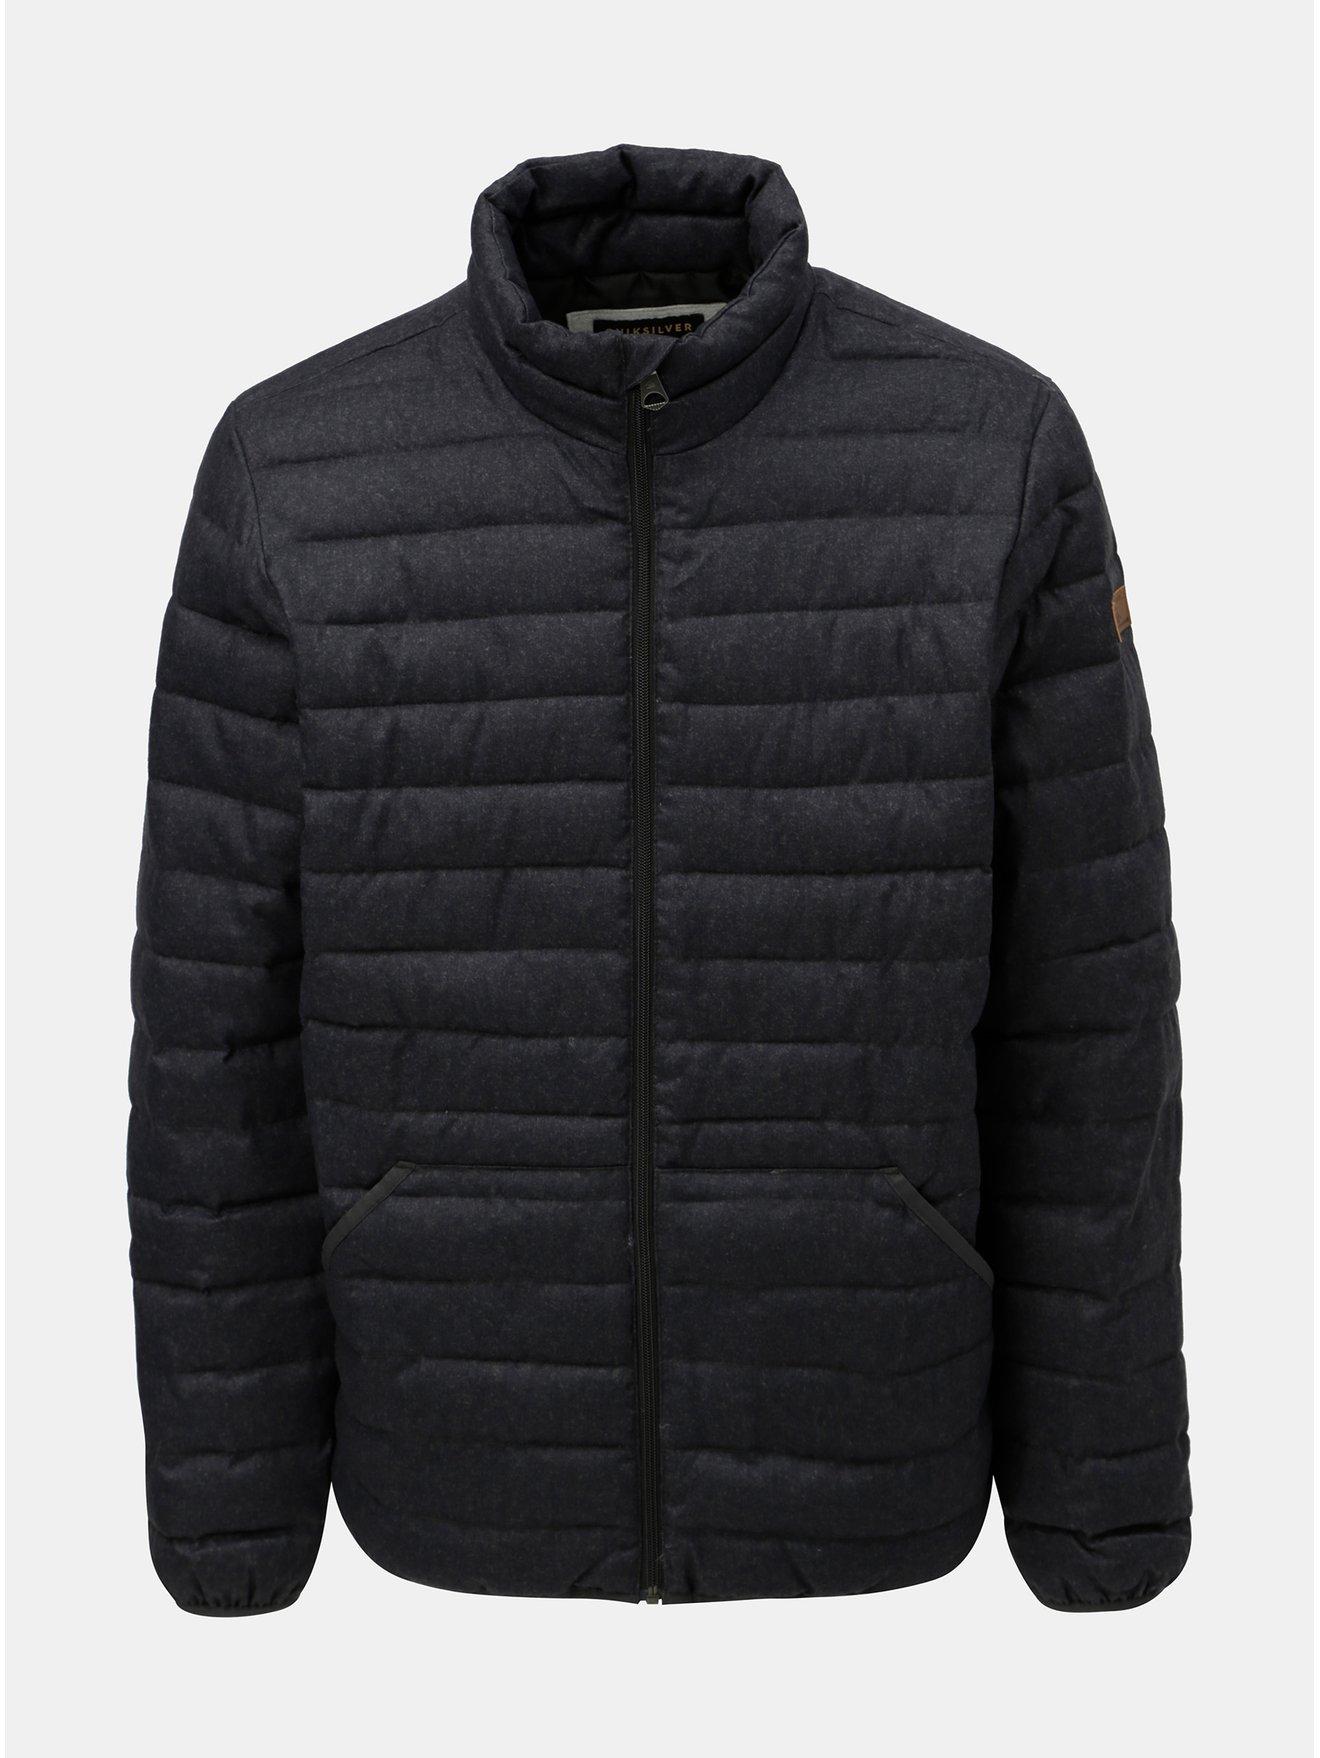 Tmavě šedá pánská prošívaná voděodolná zimní bunda Quiksilver Scaly